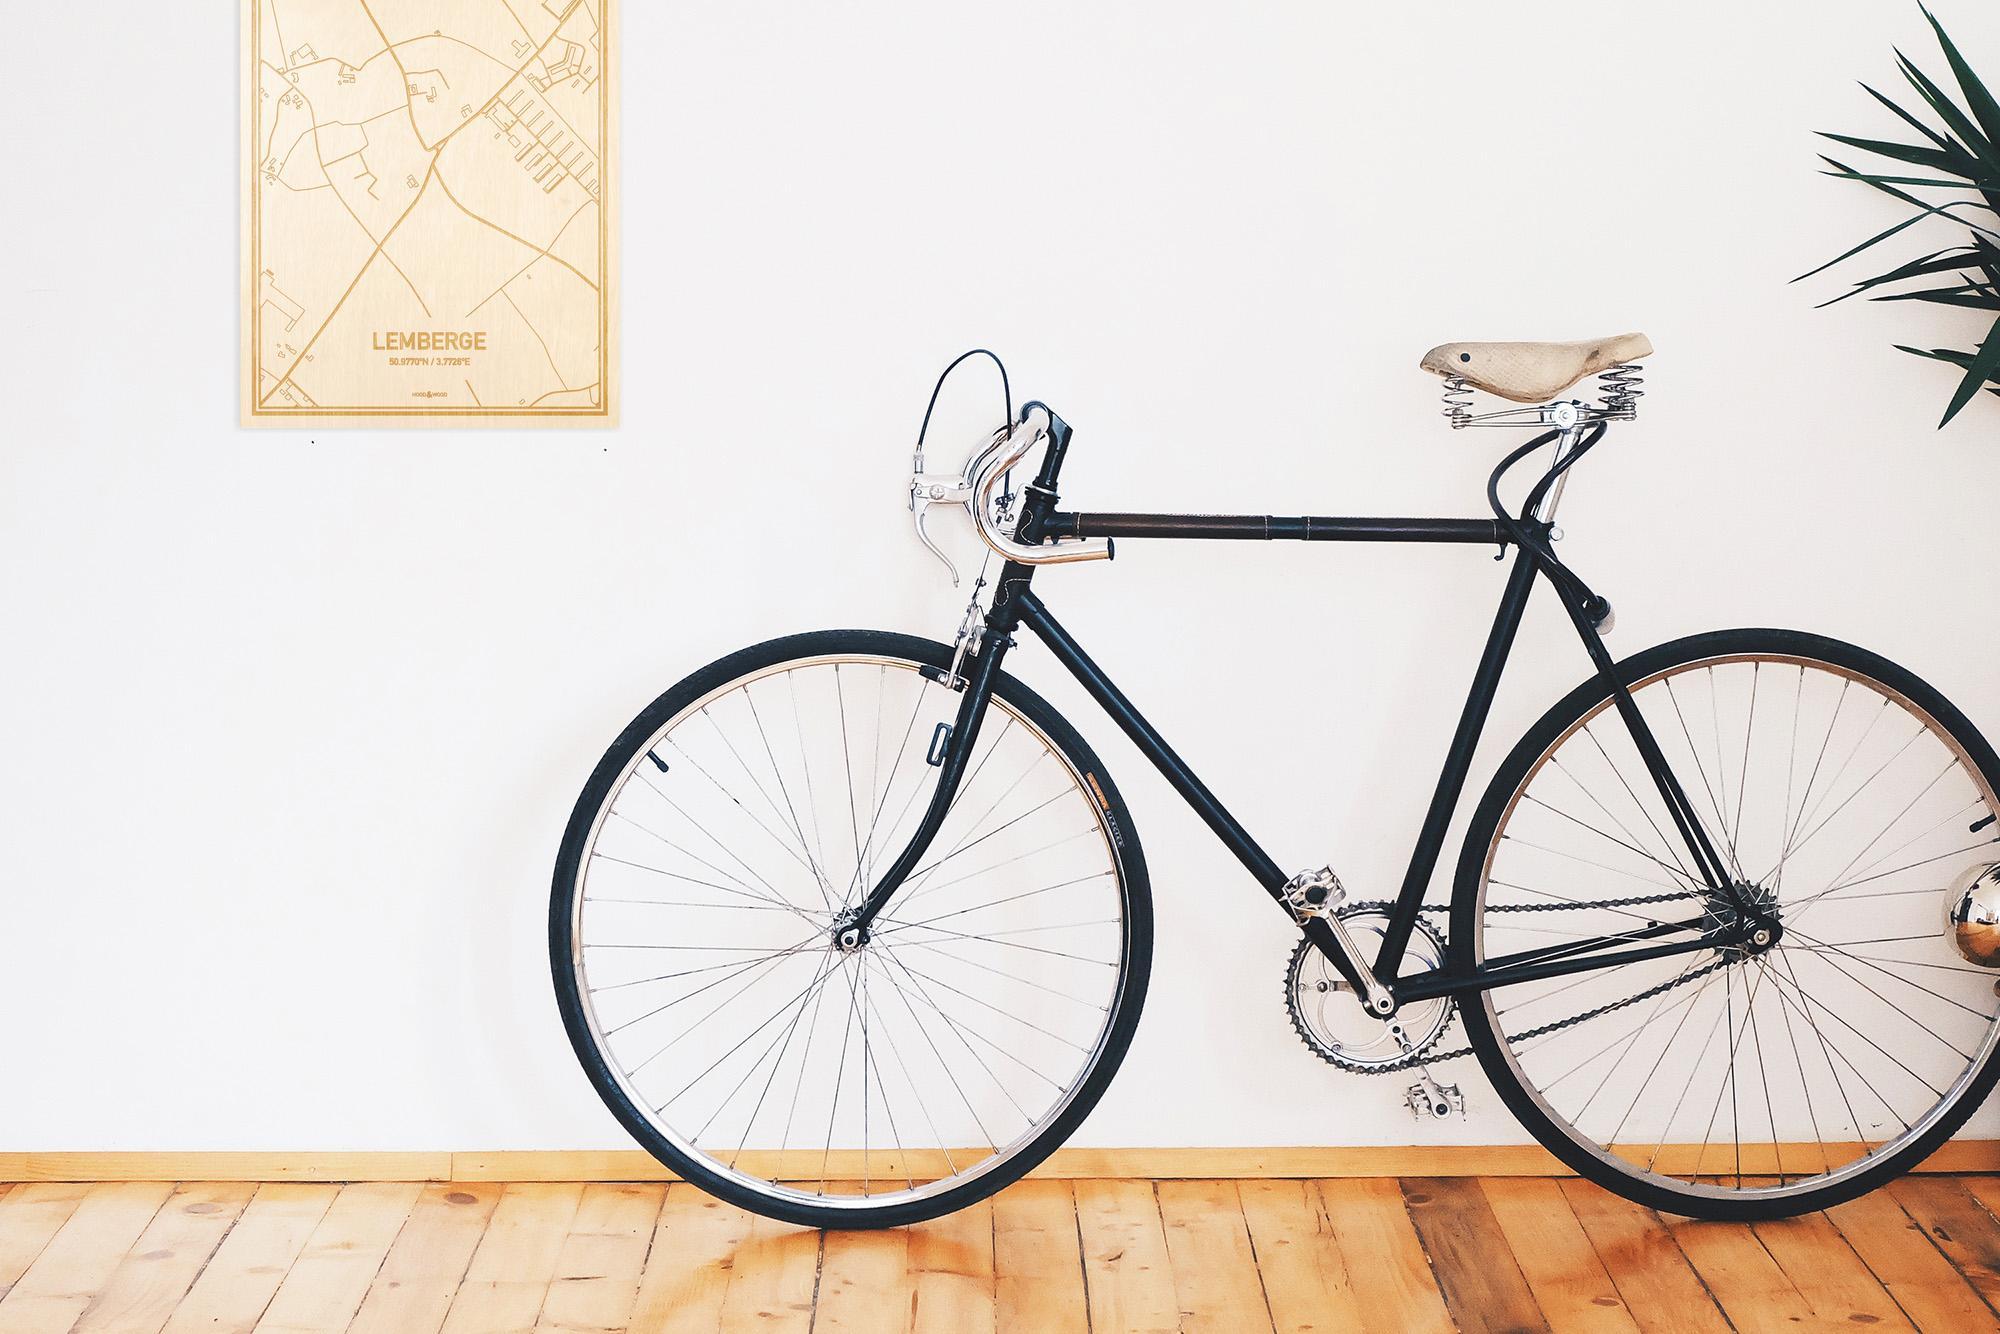 Een snelle fiets in een uniek interieur in Oost-Vlaanderen  met mooie decoratie zoals de plattegrond Lemberge.